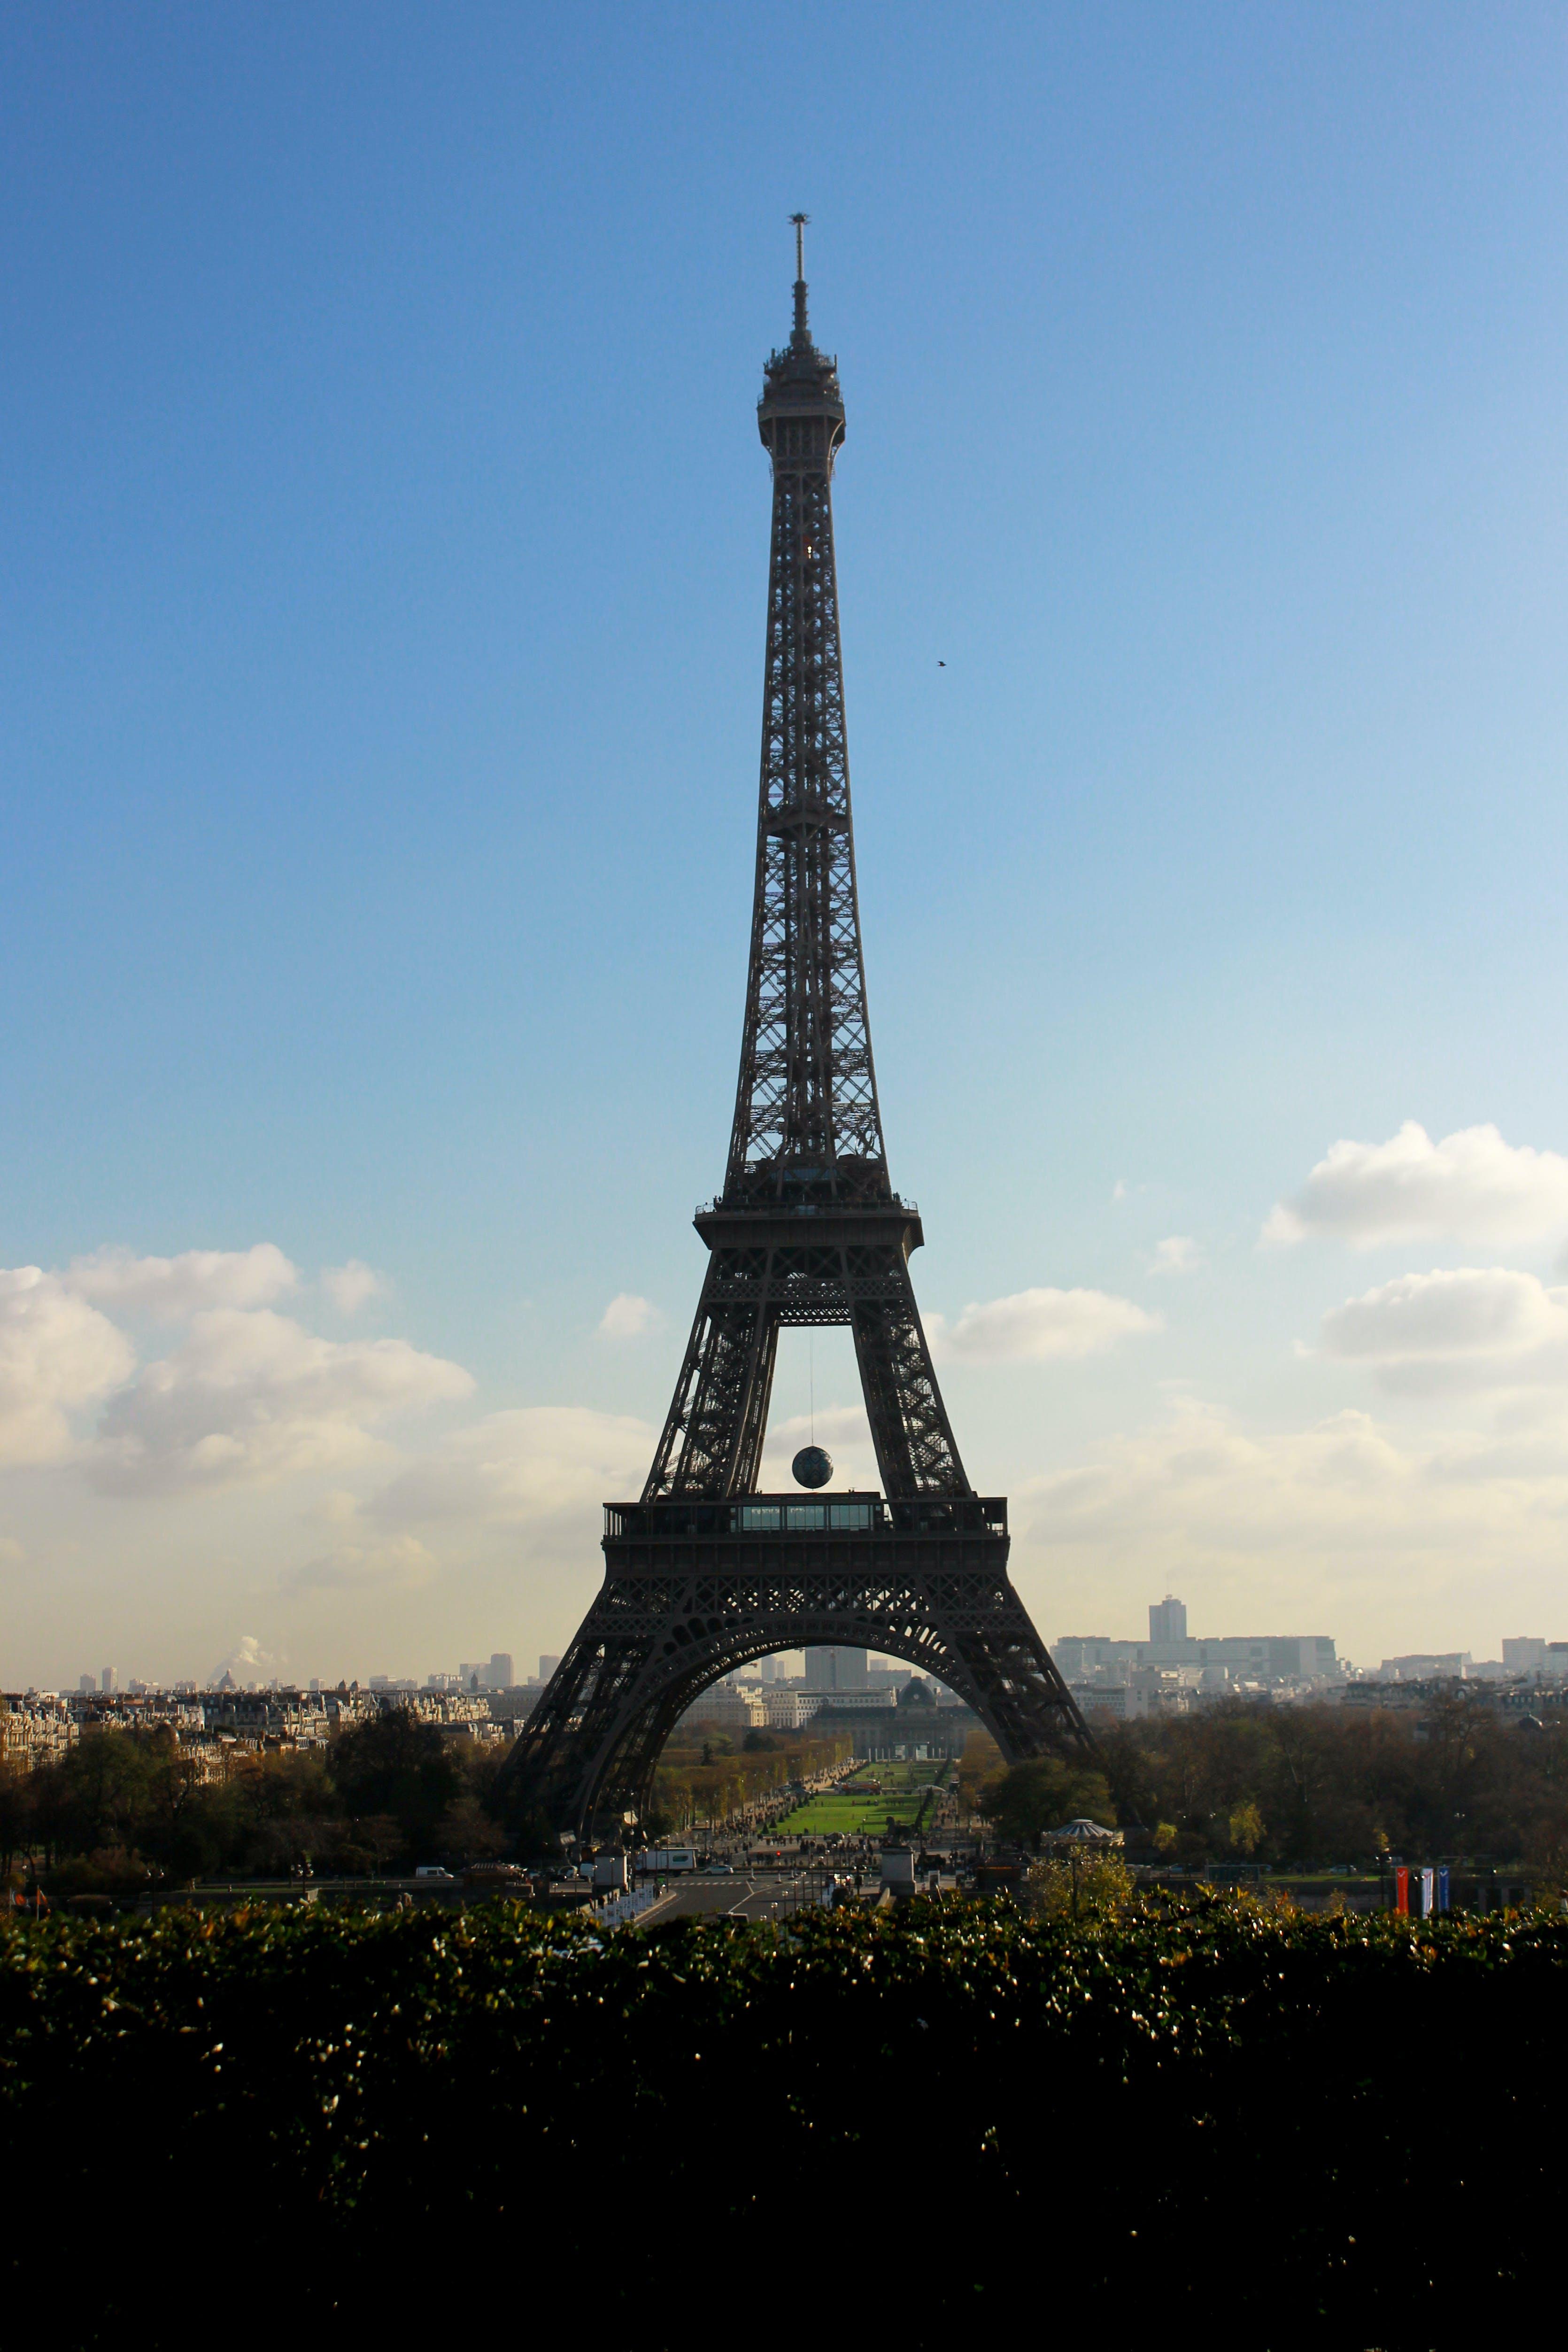 Eiffel Tower Paris during Daytime